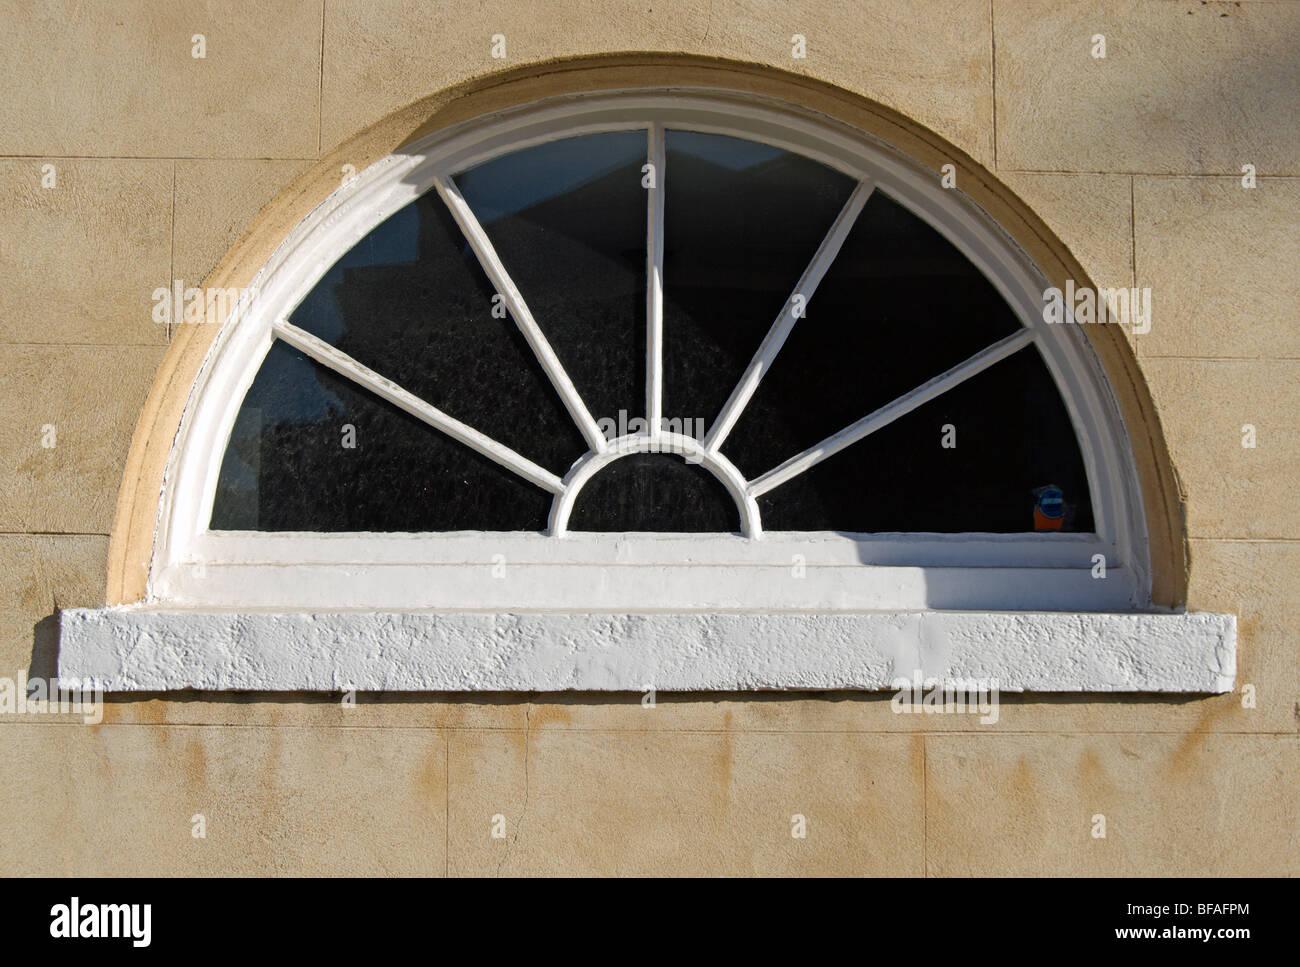 halb rundes fenster mit sunburst design in richmond nach themse surrey england stockfoto. Black Bedroom Furniture Sets. Home Design Ideas